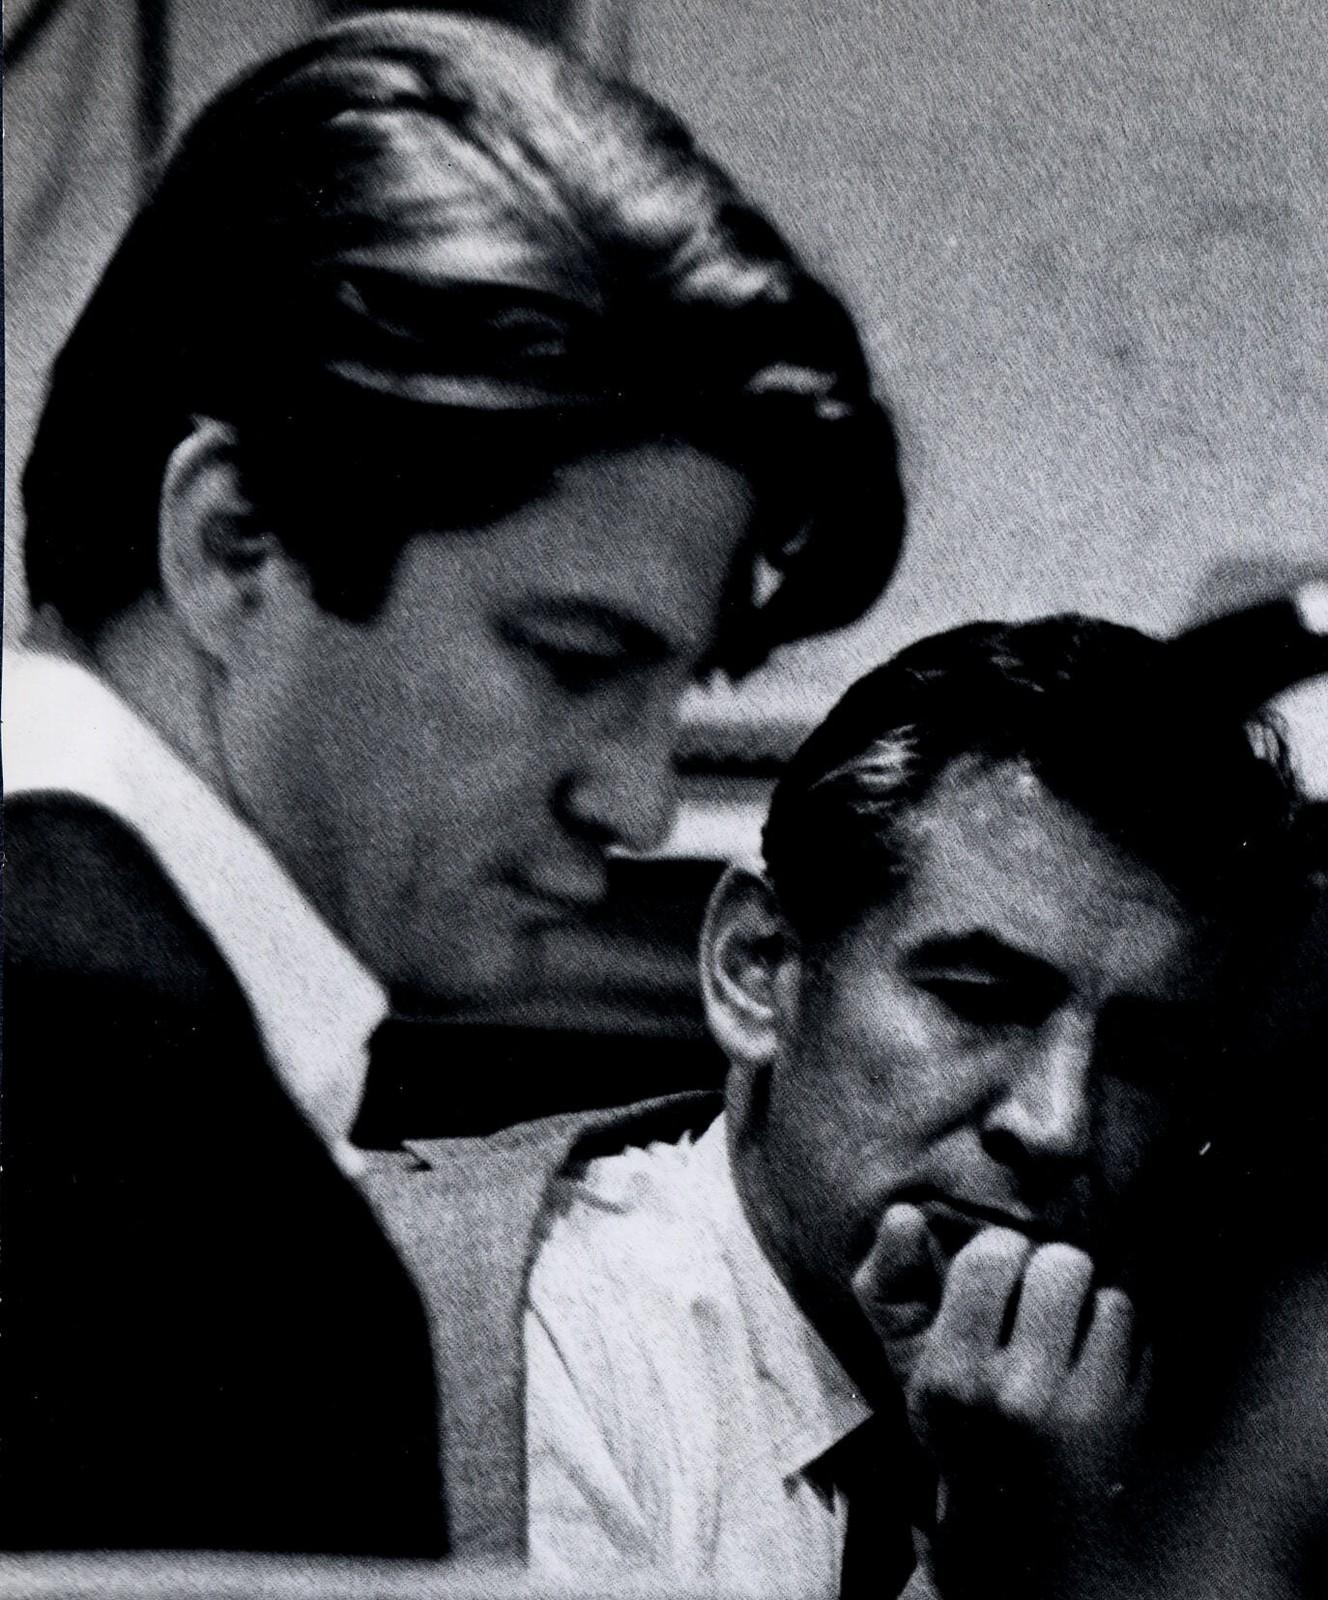 [ Leonard Bernstein and David Oppenheim]